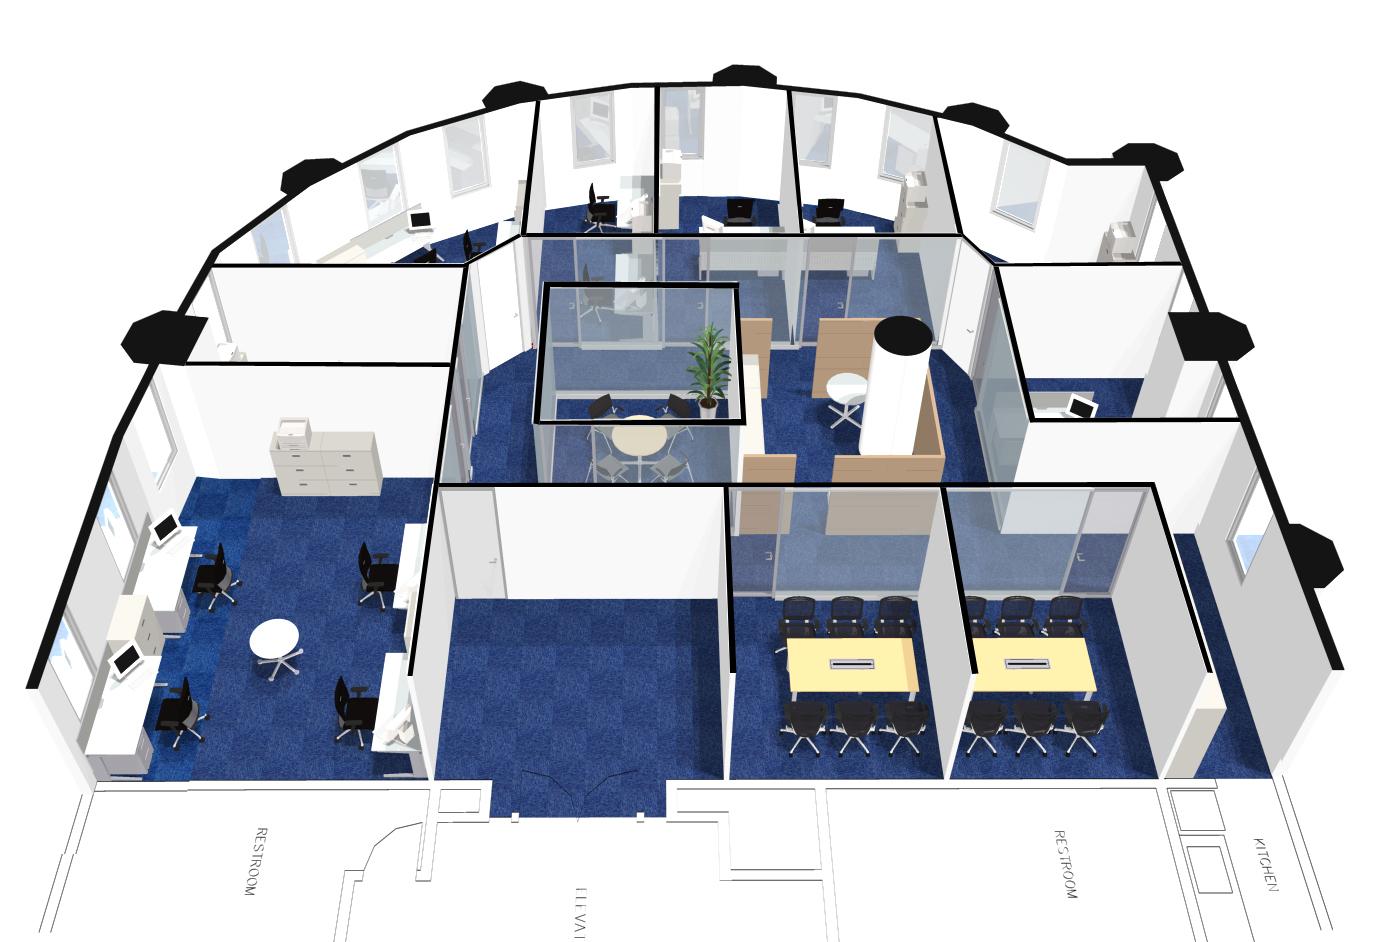 オフィスレイアウトや全体イメージ把握に役立つ「オフィスパース(鳥瞰図)」